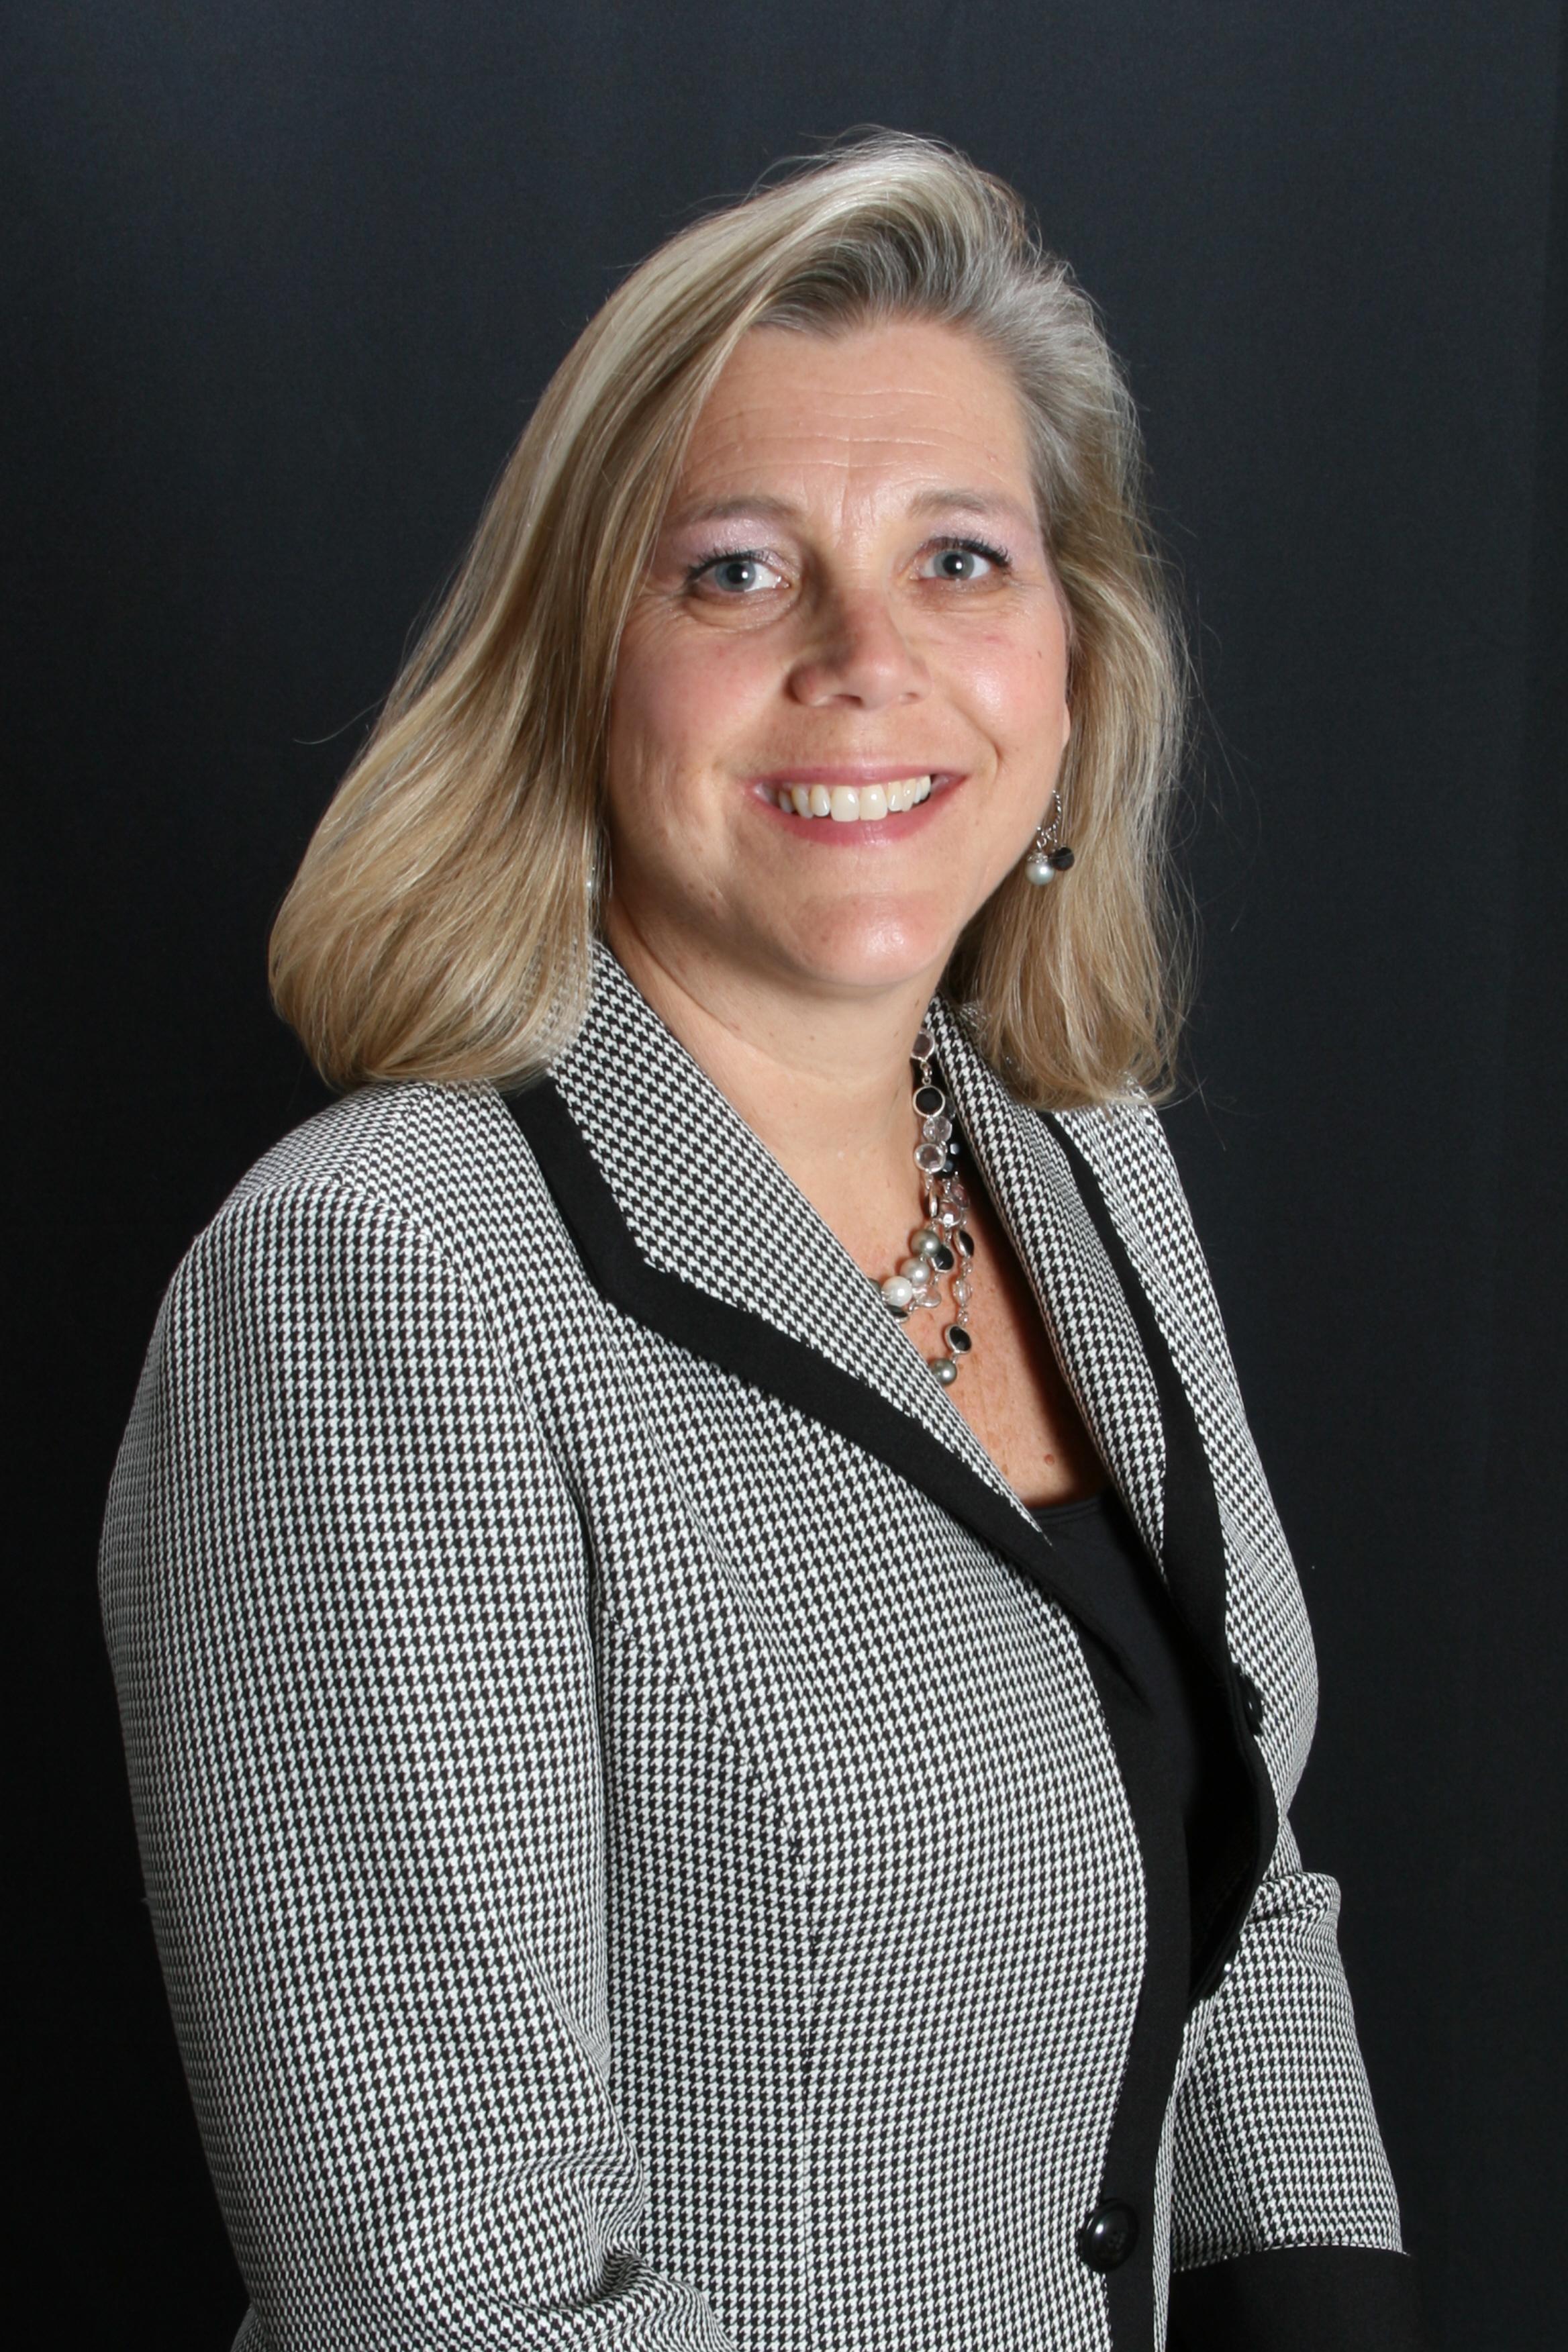 Superintendent Dr. Mitchell